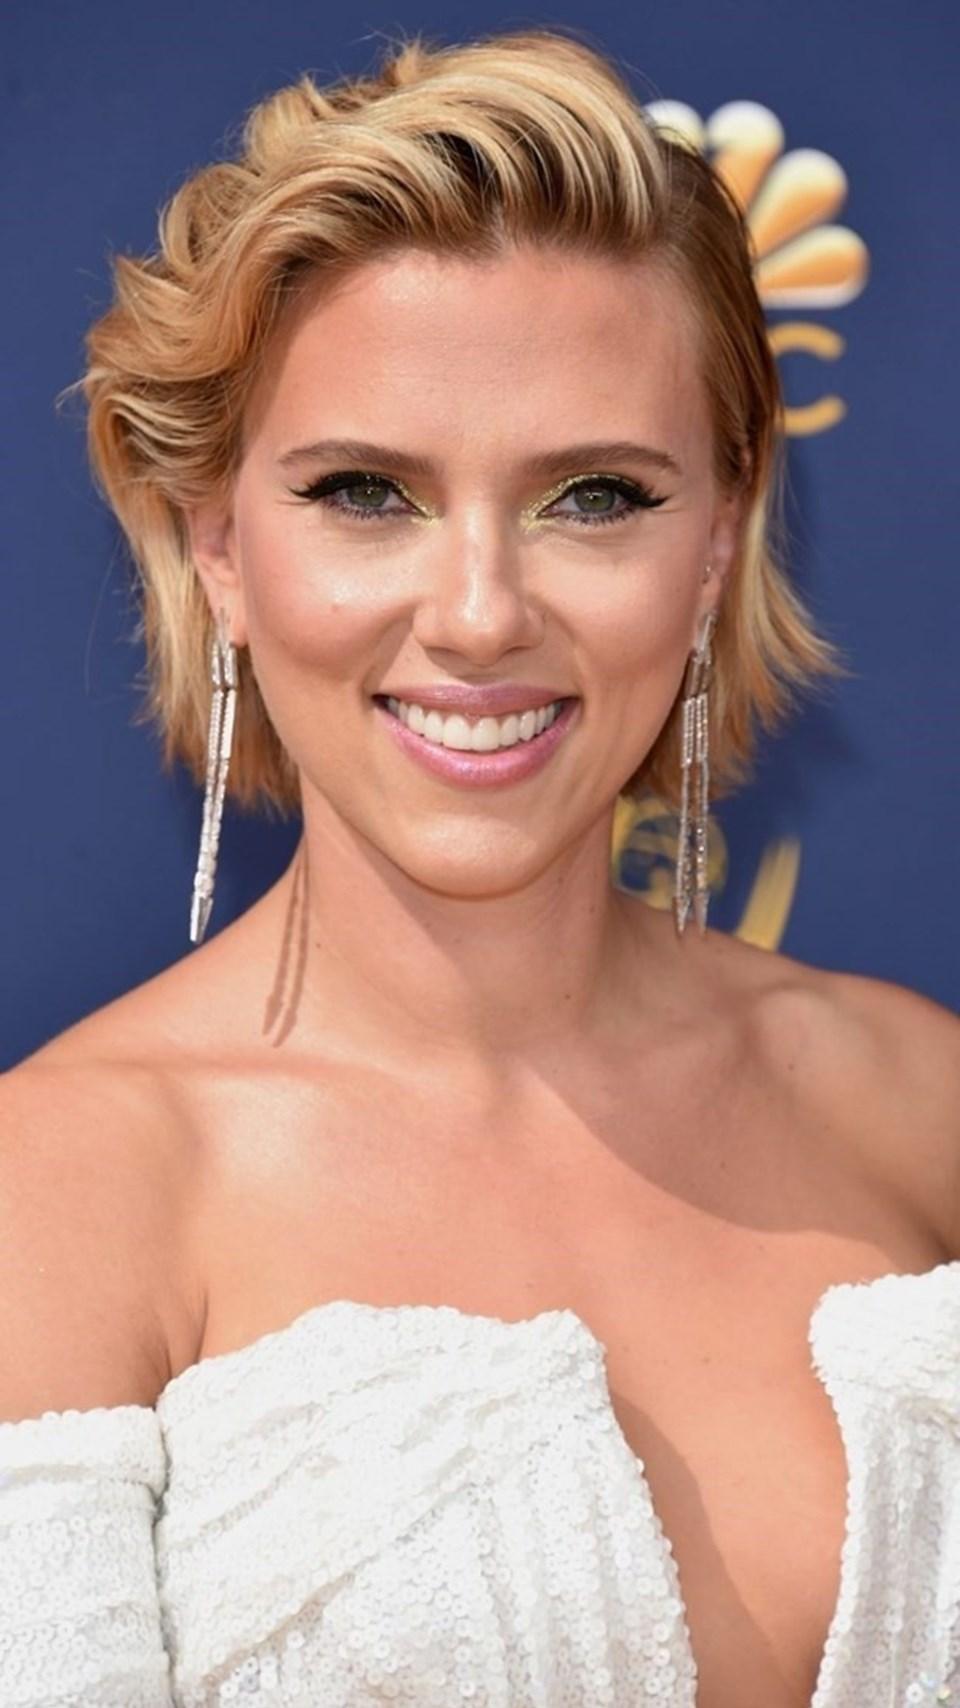 Scarlett Johansson, en güçlü 100 isim listesinde 65'inci oldu.